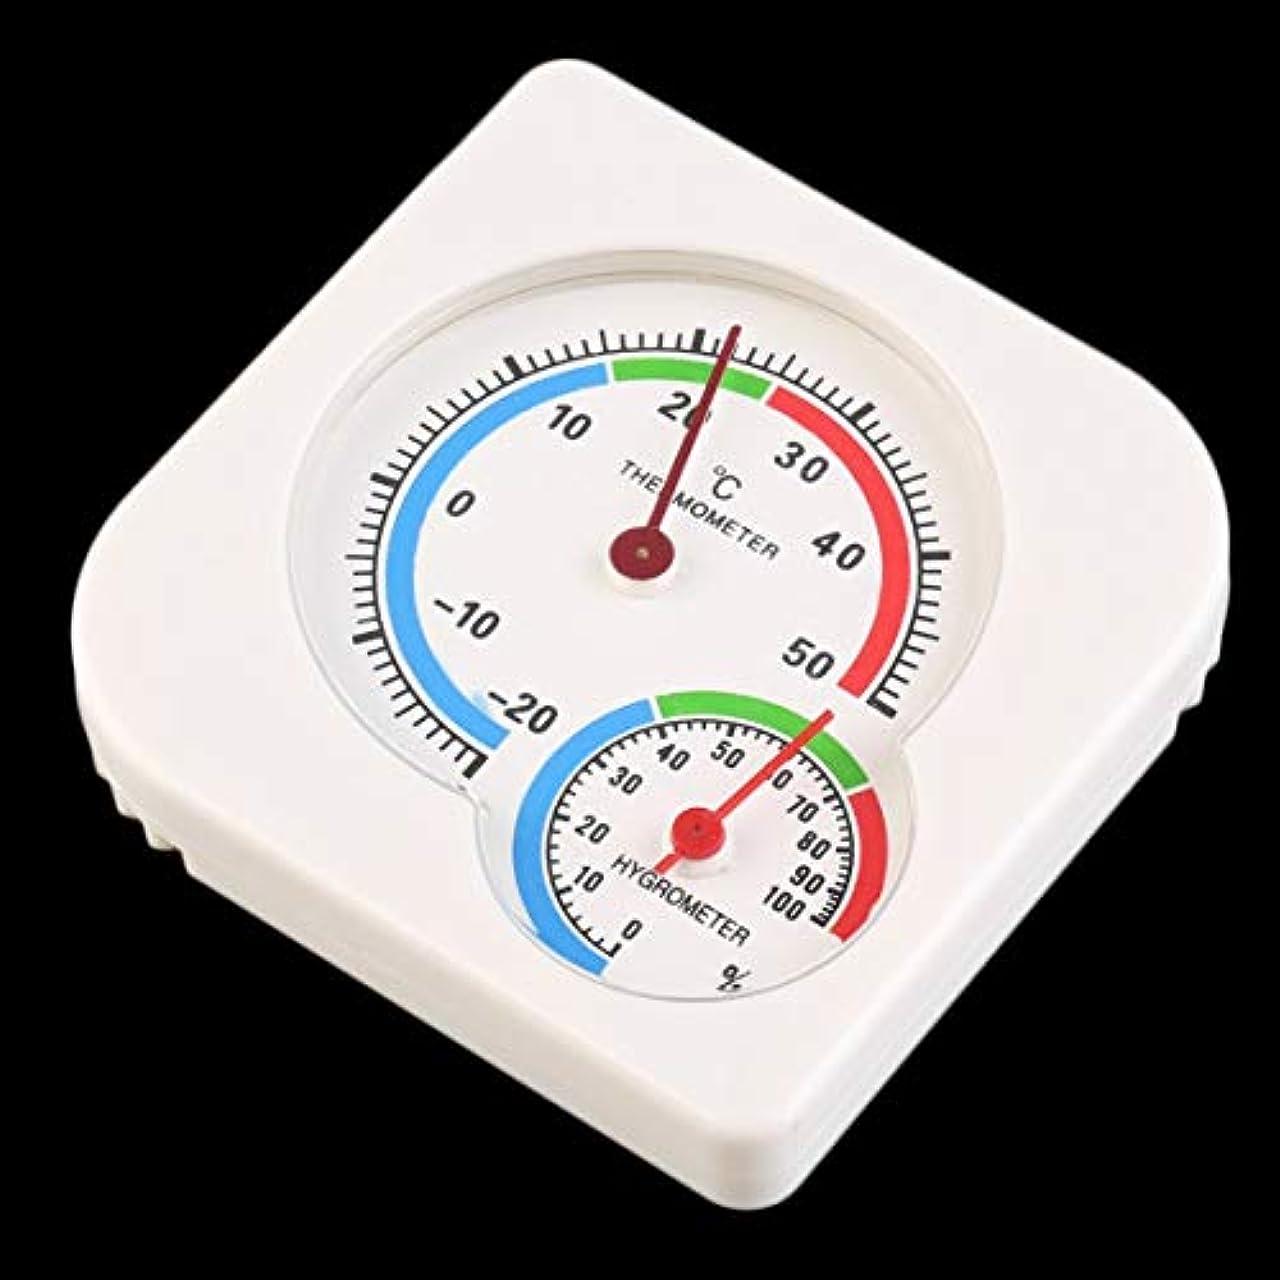 つぼみリビングルーム用心深いインターコアリー保育園ベビーハウスルームミニ温度計ウェット湿度計温度計